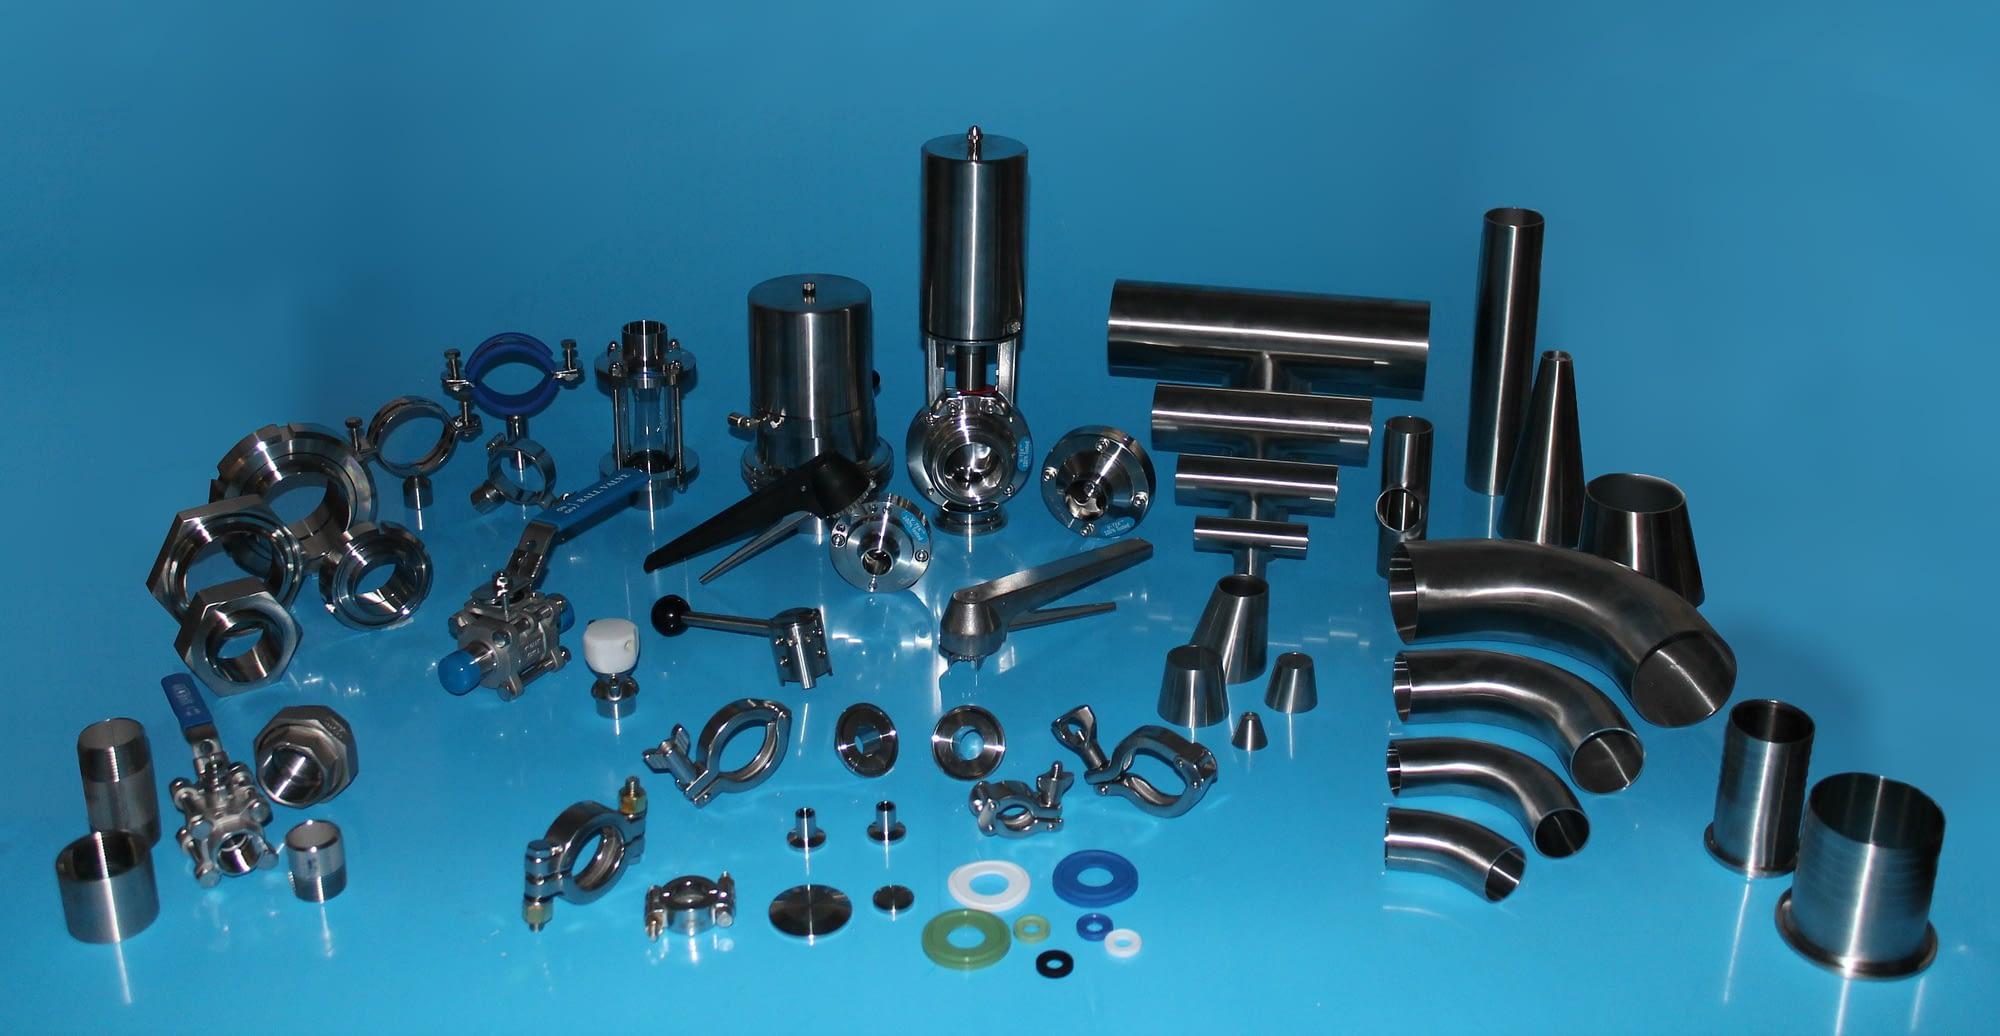 Zenith-Sanitary-Hygienic-Stainless-Steel-Tubes-Valves-Fittings